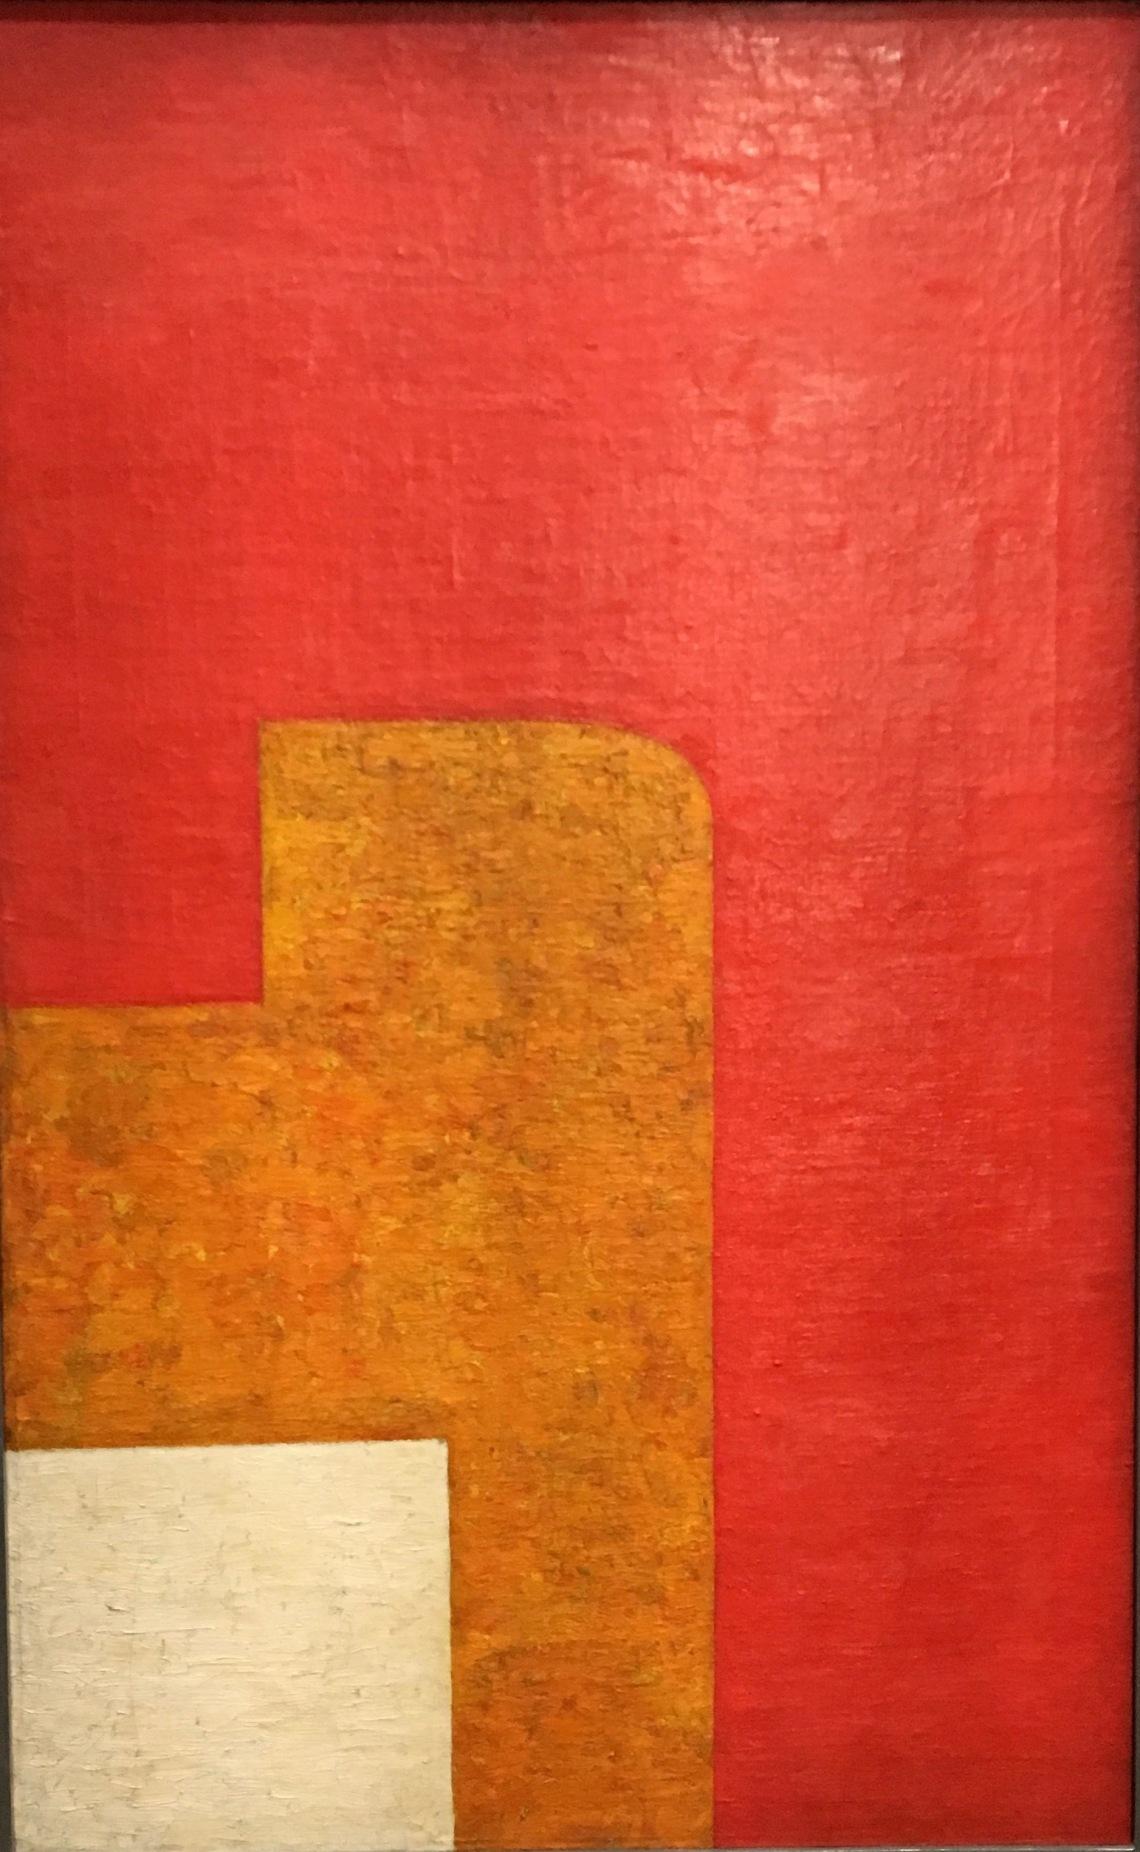 1. Wladylaw Strezminski, Composition architectonique 13 c 1929, huile sur toile. Muzeum Sztuki, Lodz